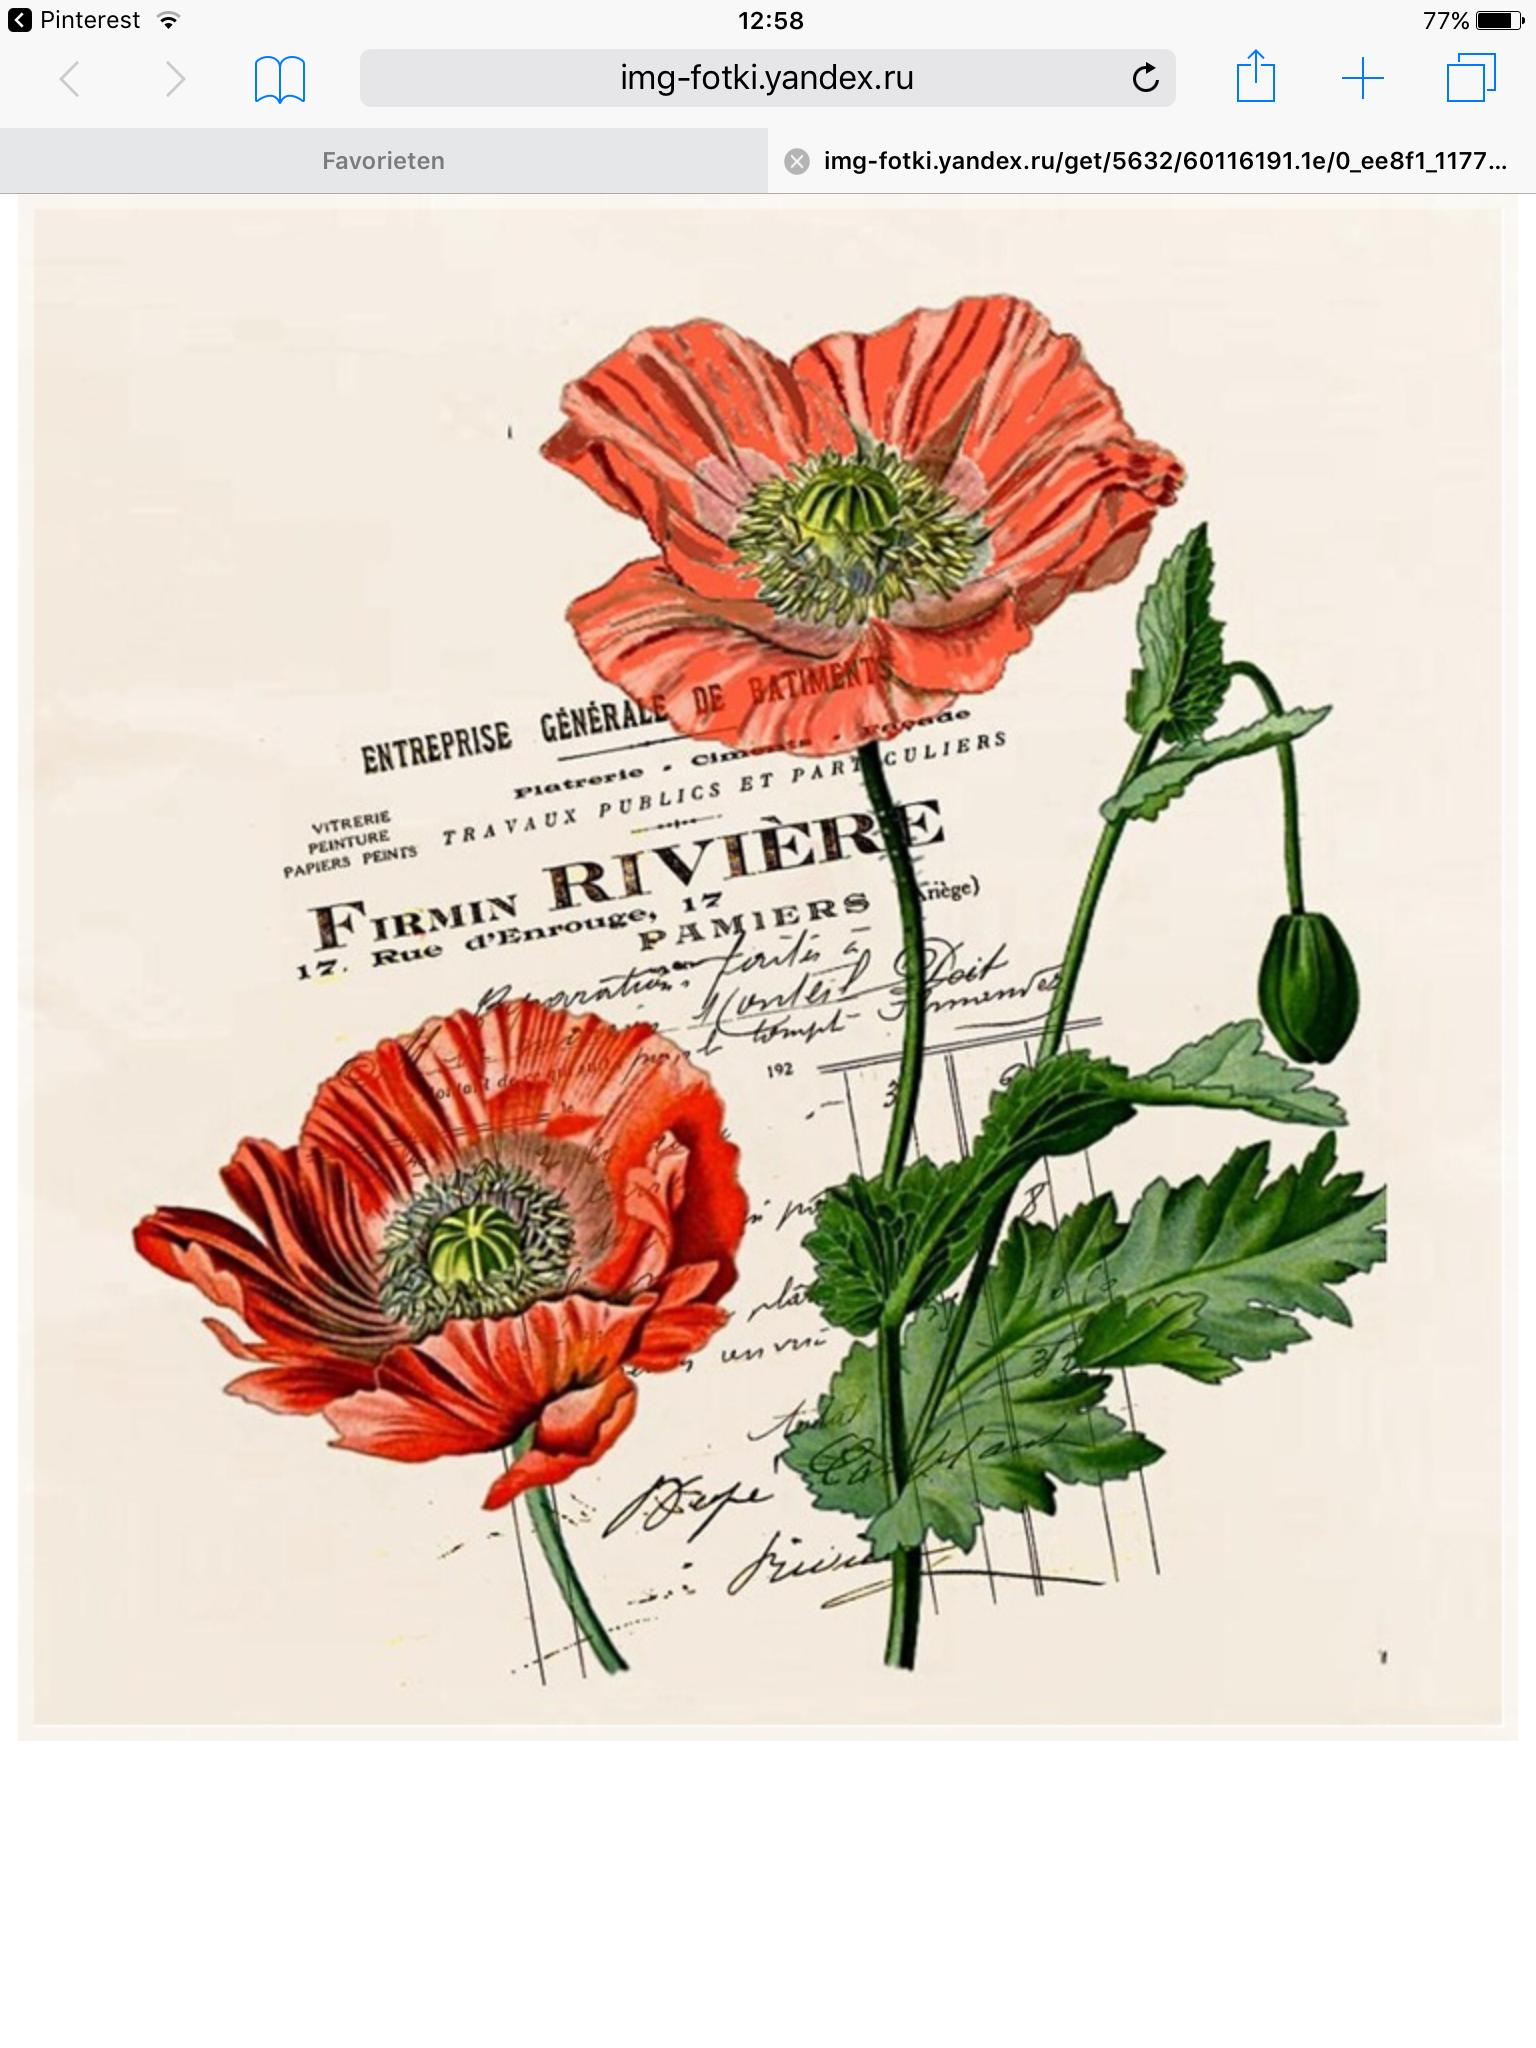 Entreprise Generale De Batiment 77 vintageroses・postcard・antiqueflower・シガレットカードetc